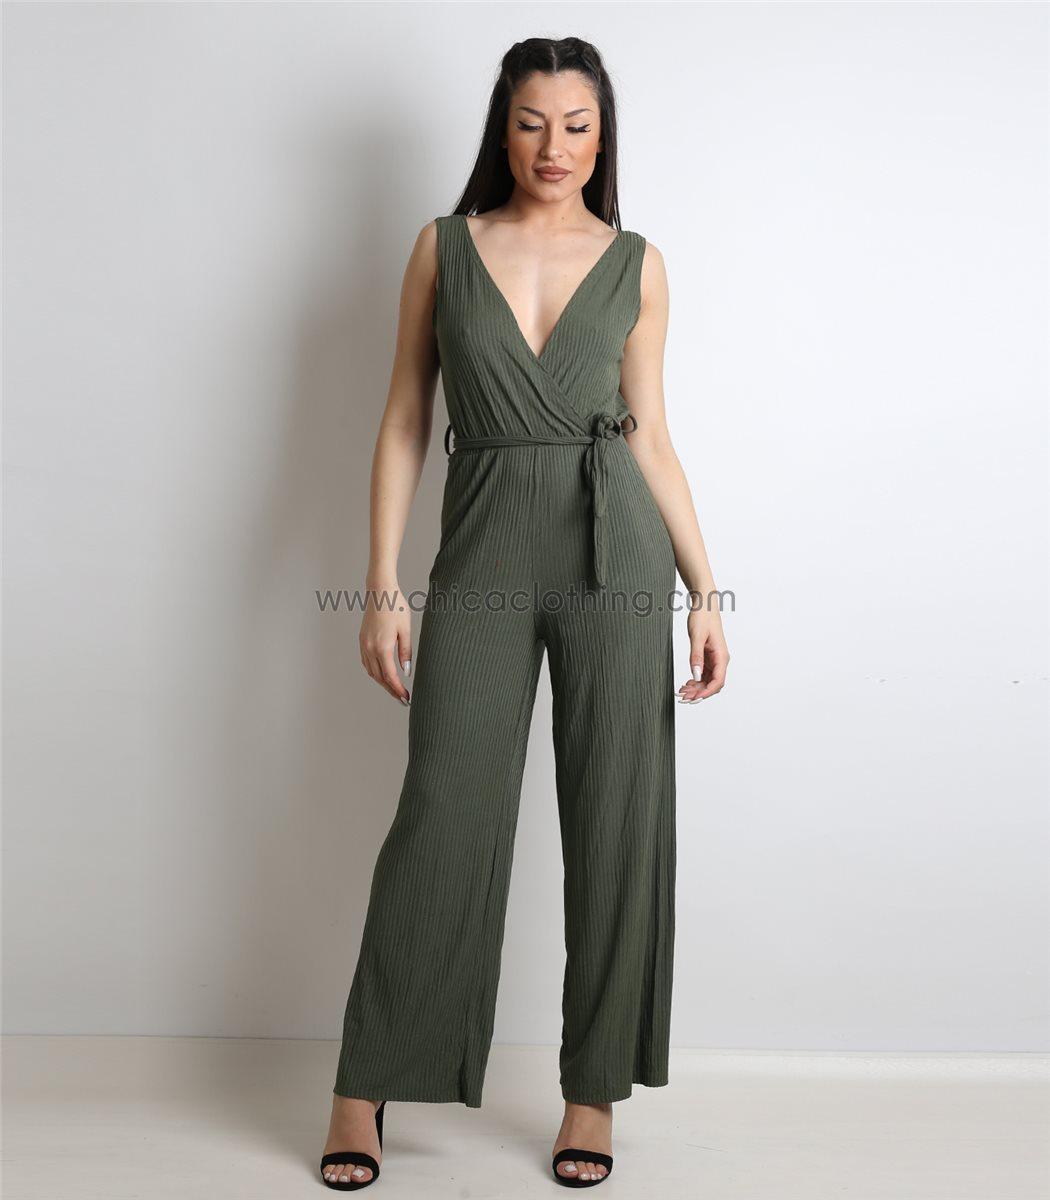 Γυναικεία ολόσωμη φόρμα κρουαζέ ελαστική (Χακί) bff673da86c